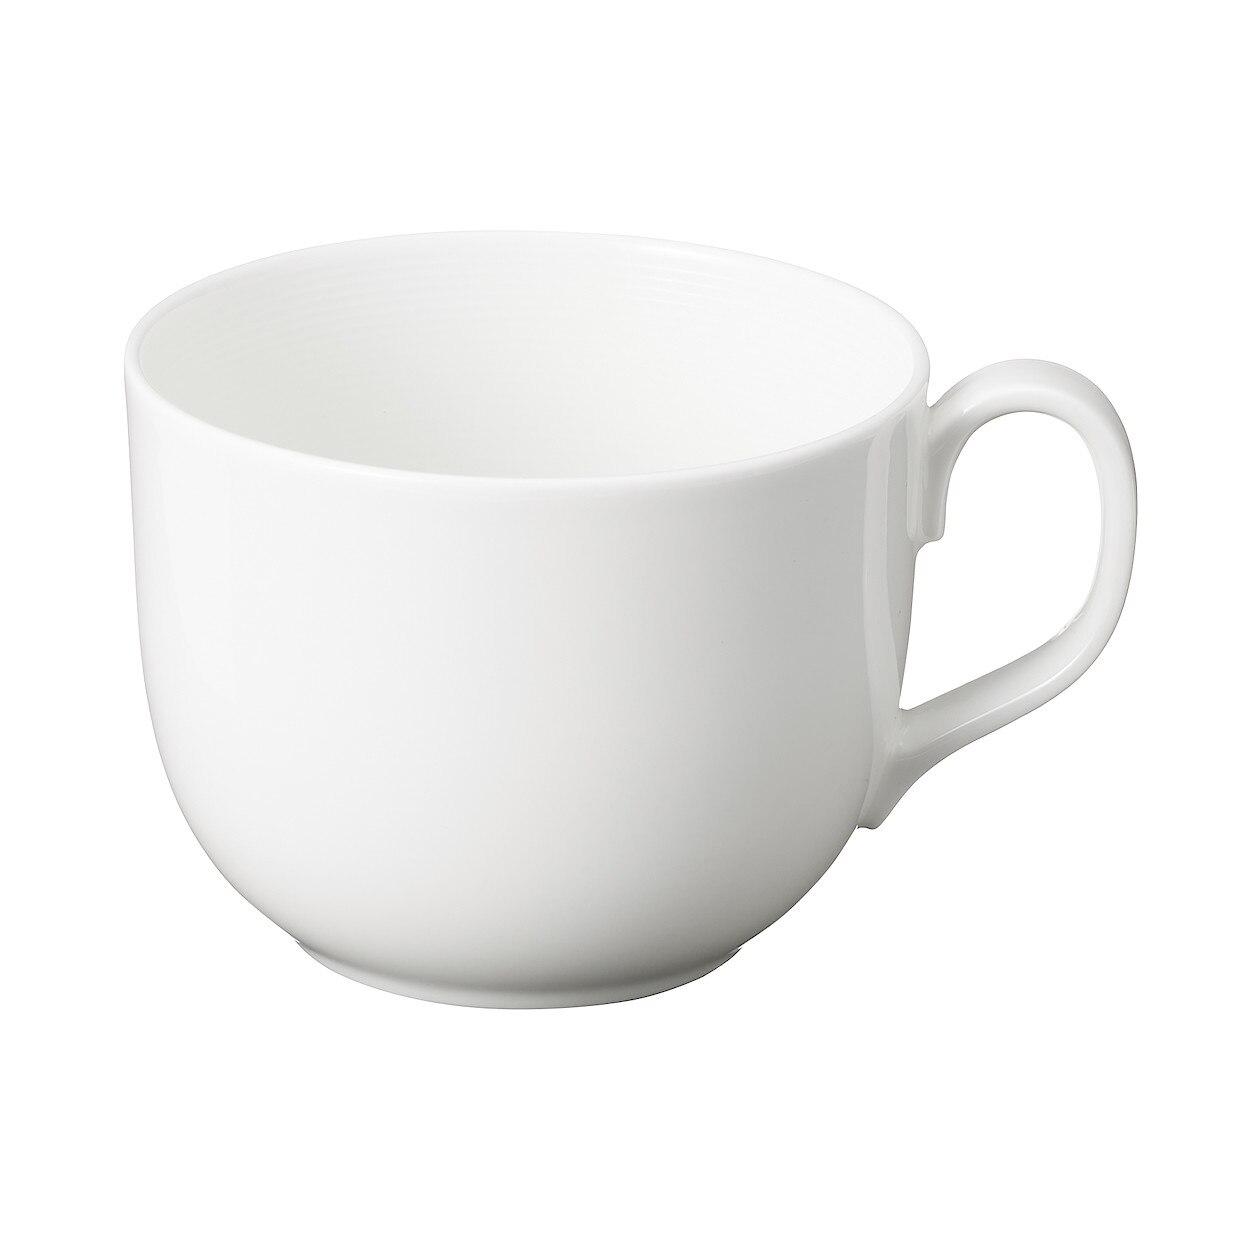 ボーンチャイナ カフェオレカップ